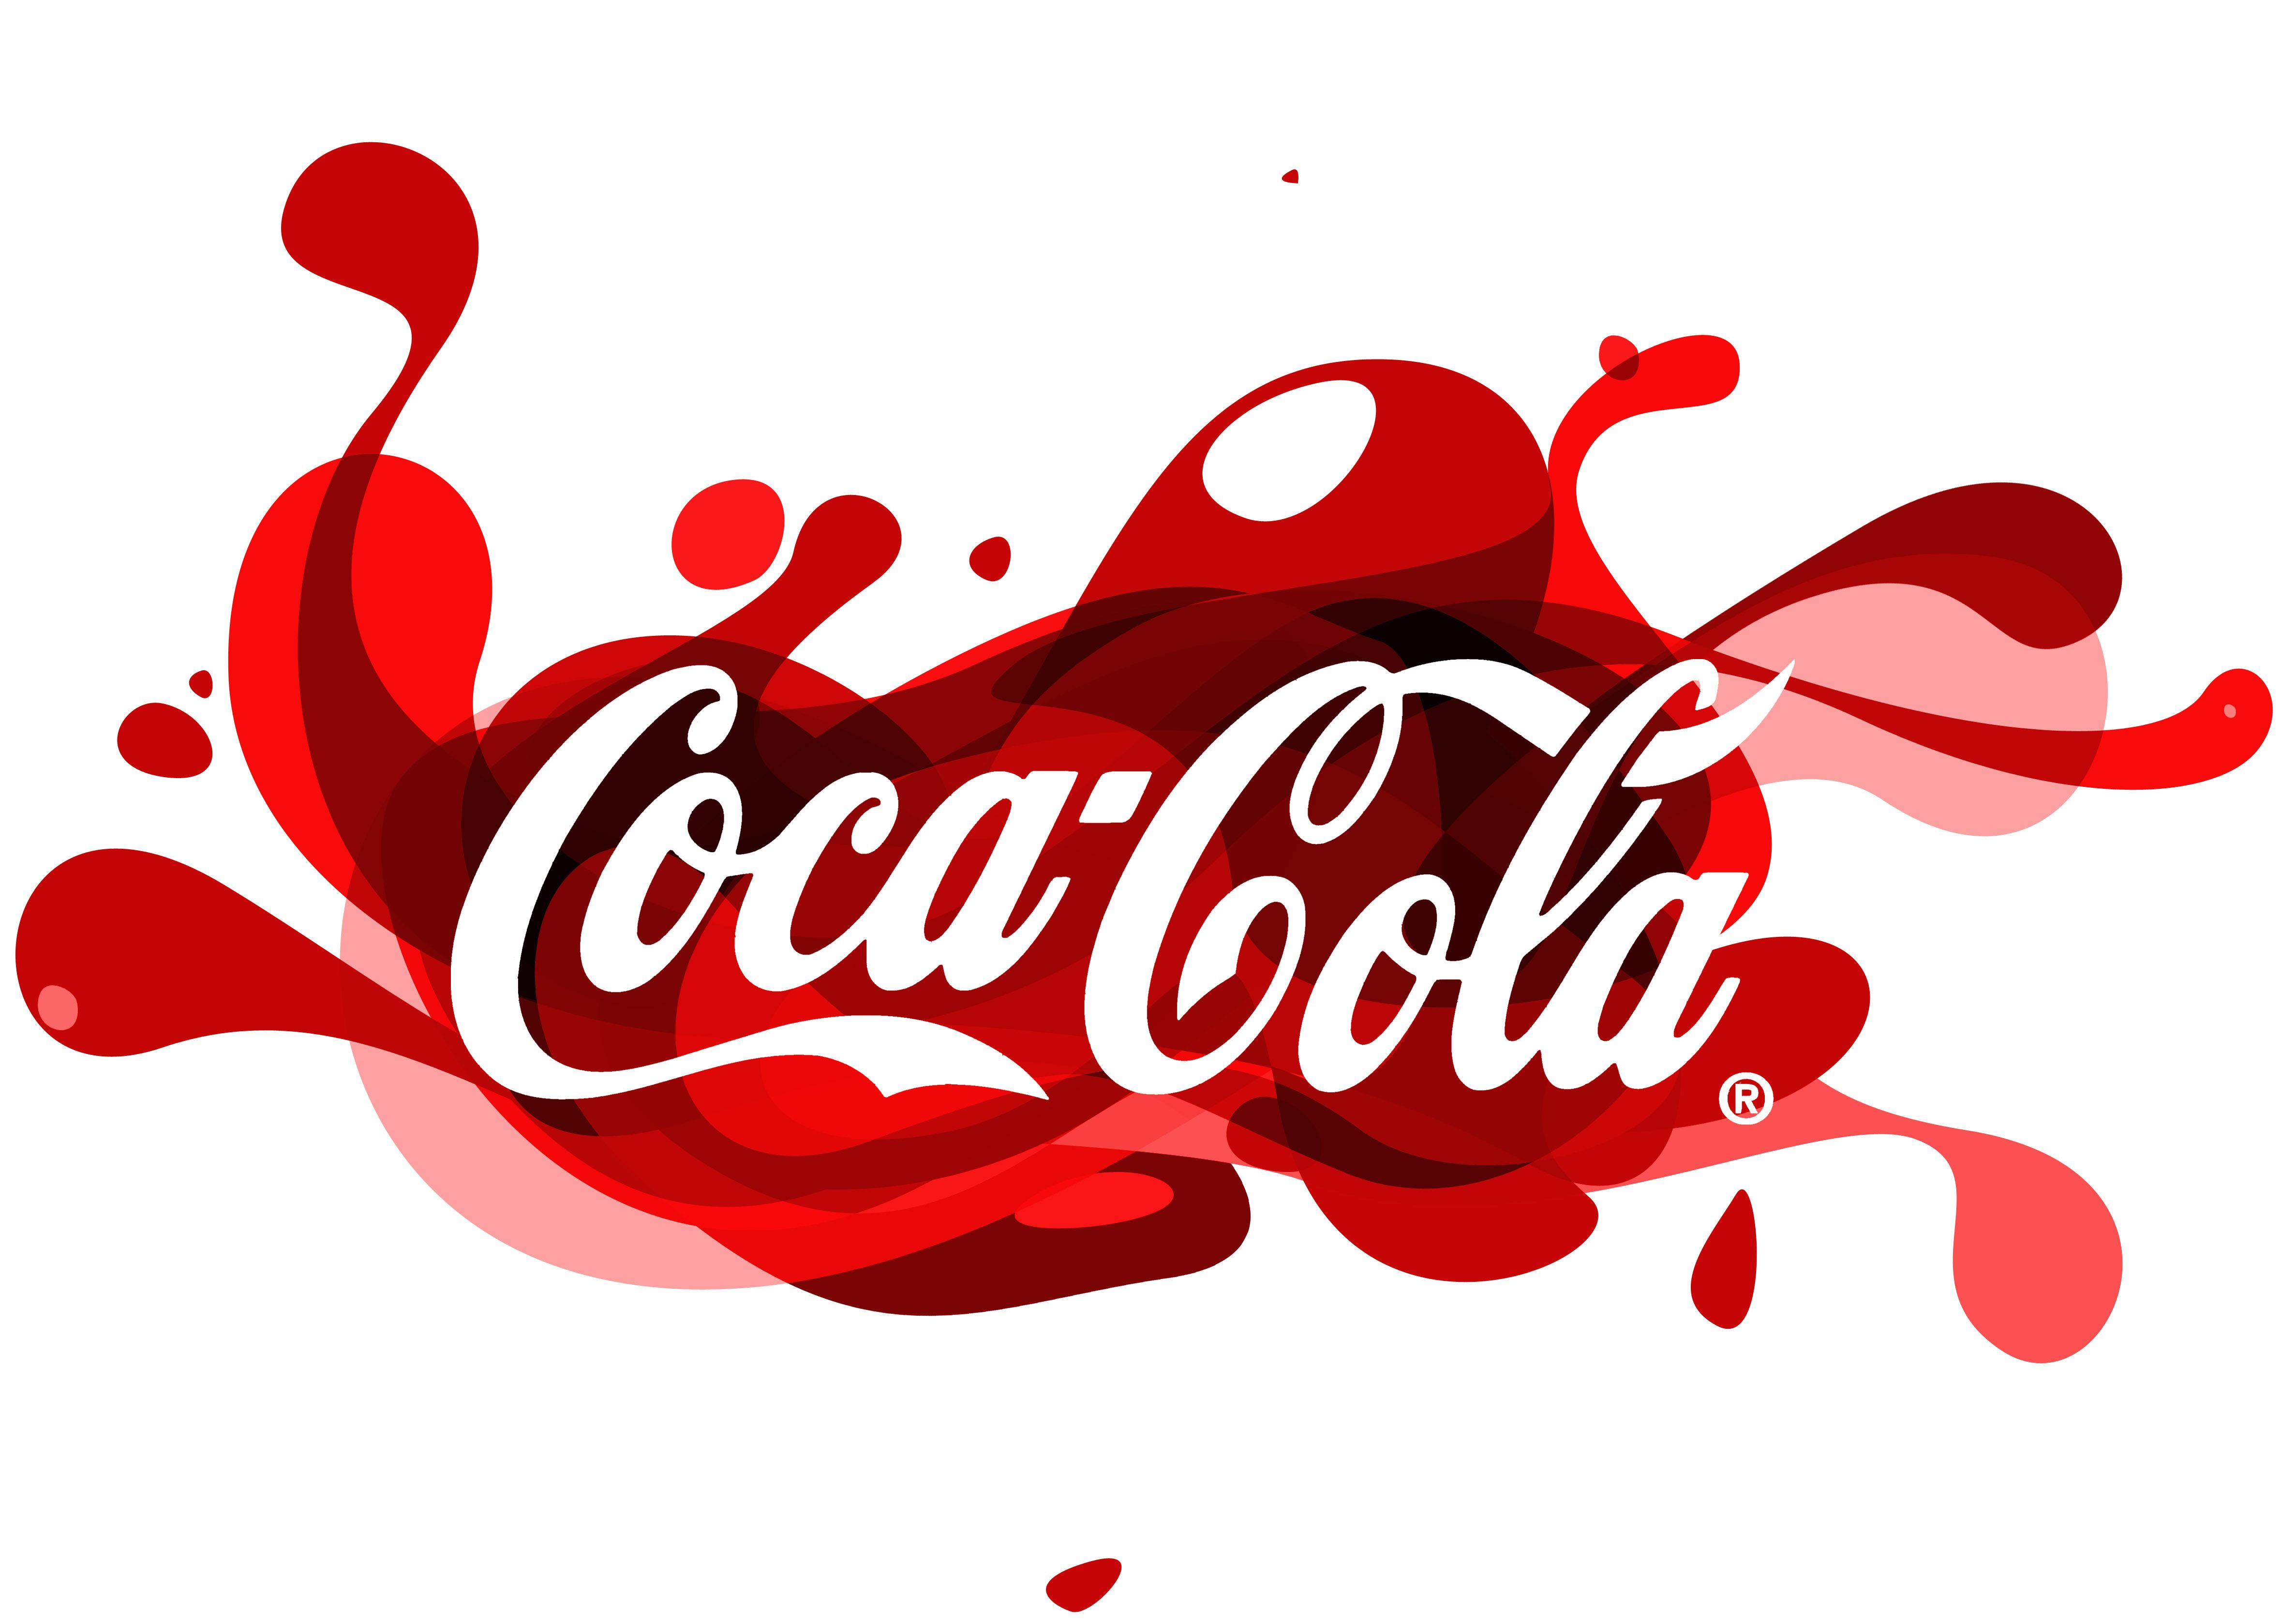 Images of Coca Cola | 4746x3354